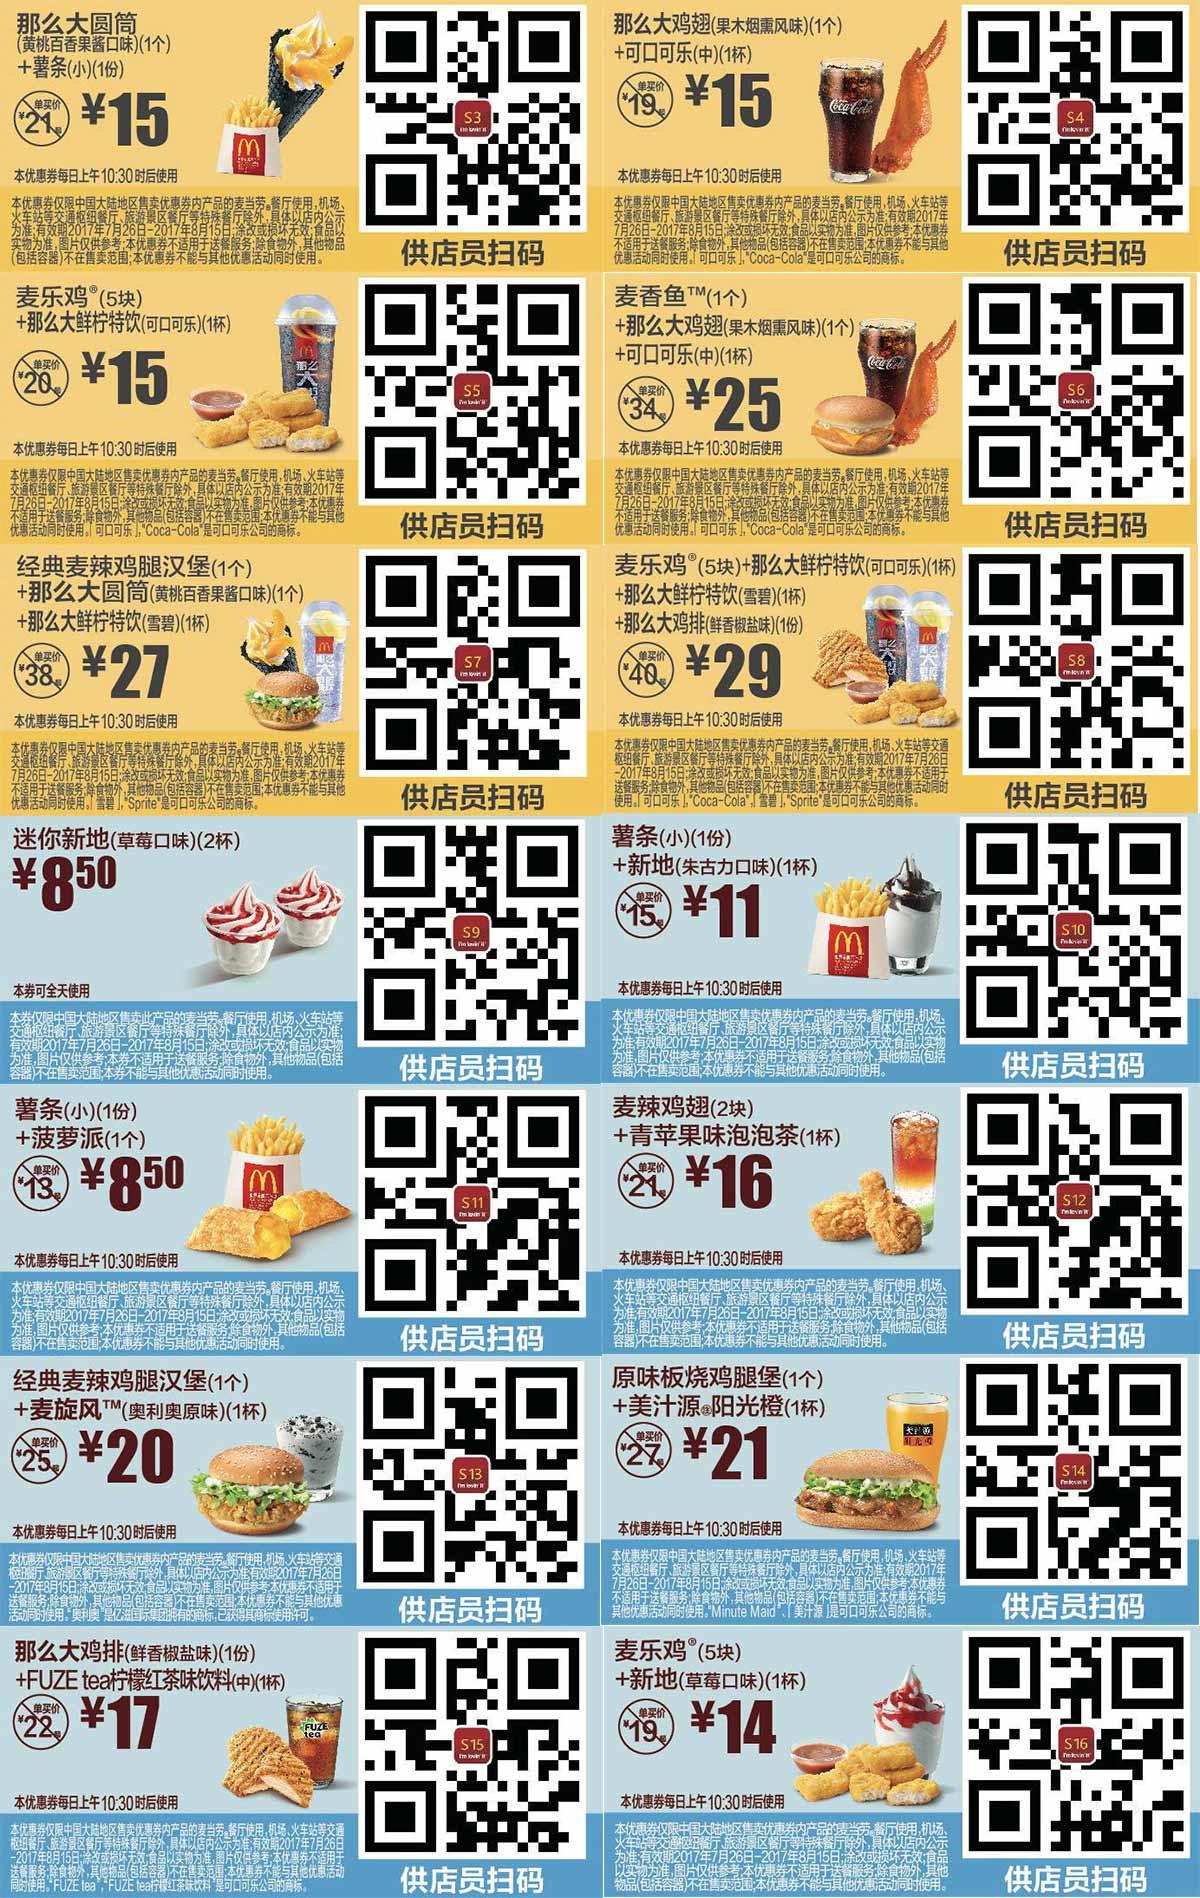 麦当劳2017年8月份优惠券手机版整张版本,点餐出示给店员扫码享优惠 有效期至:2017年8月15日 www.5ikfc.com